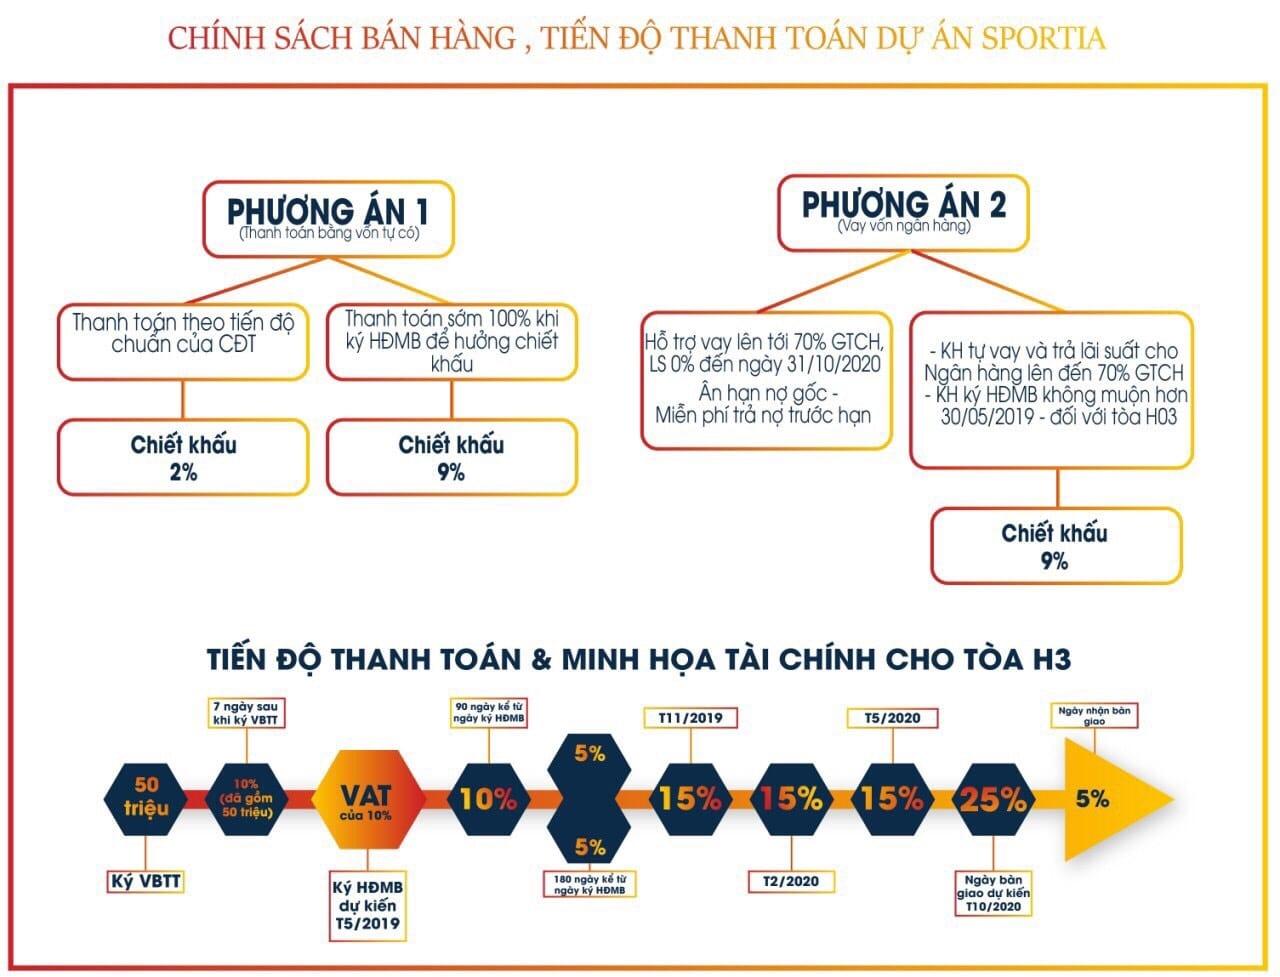 phương án tài chính Dự án Vincity Sportia Tây Mỗ Đại Mỗ Hà Nội